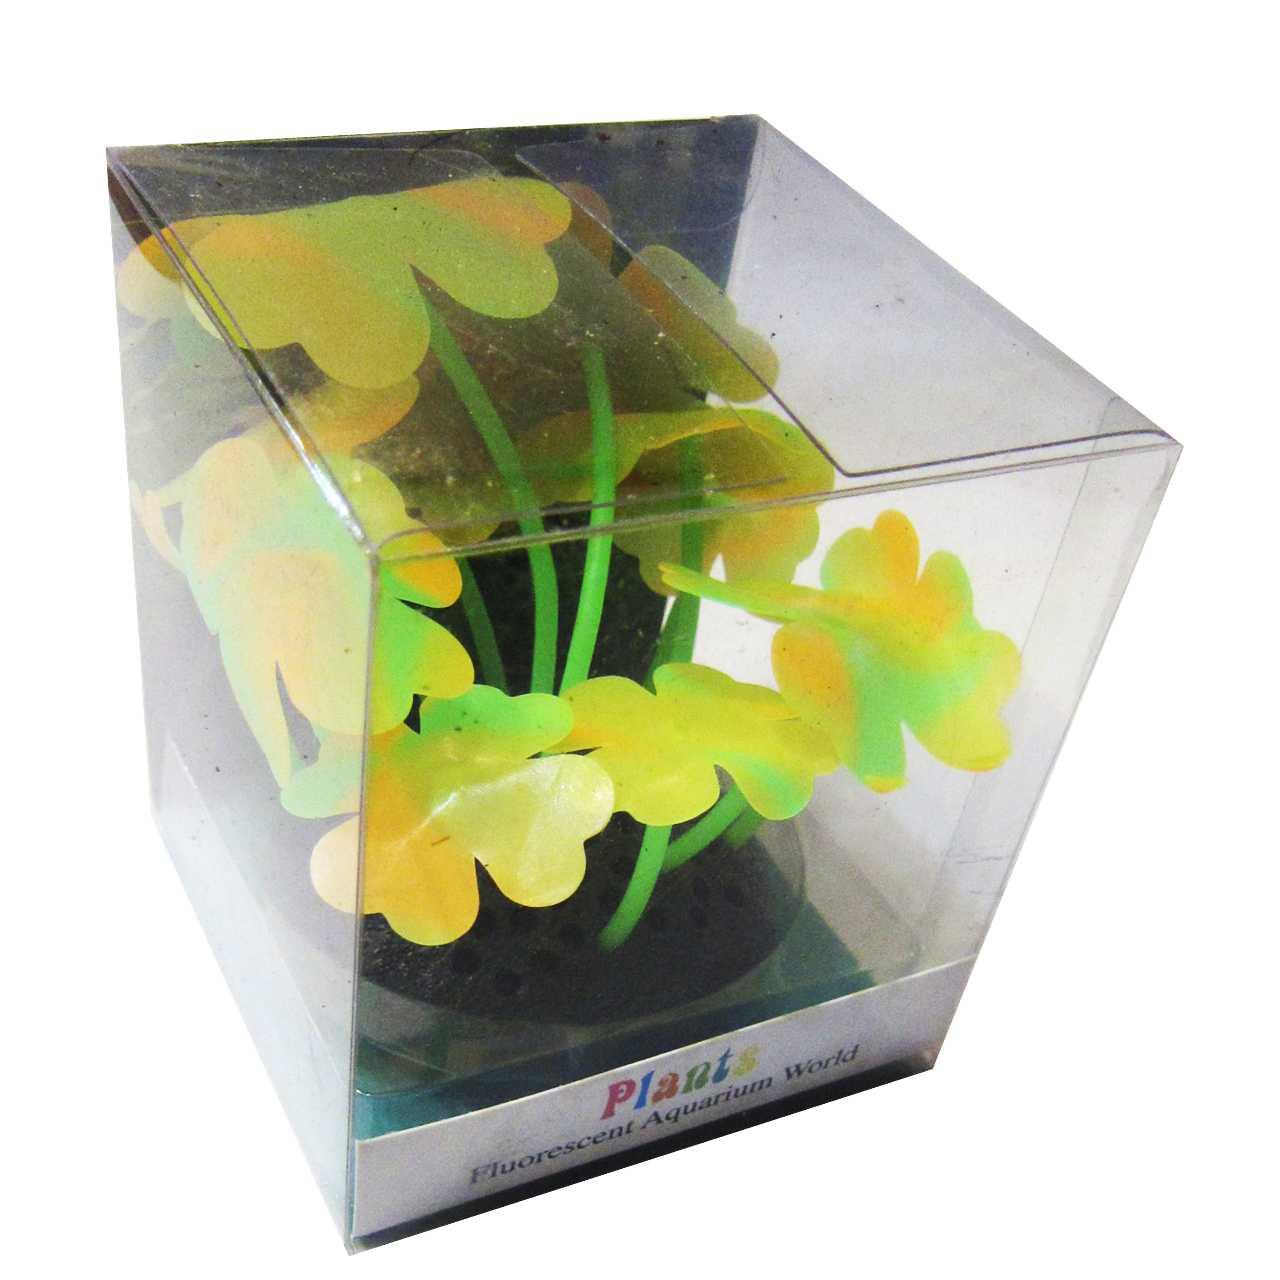 مرجان ژله ای پلنتس مدل fluorescent